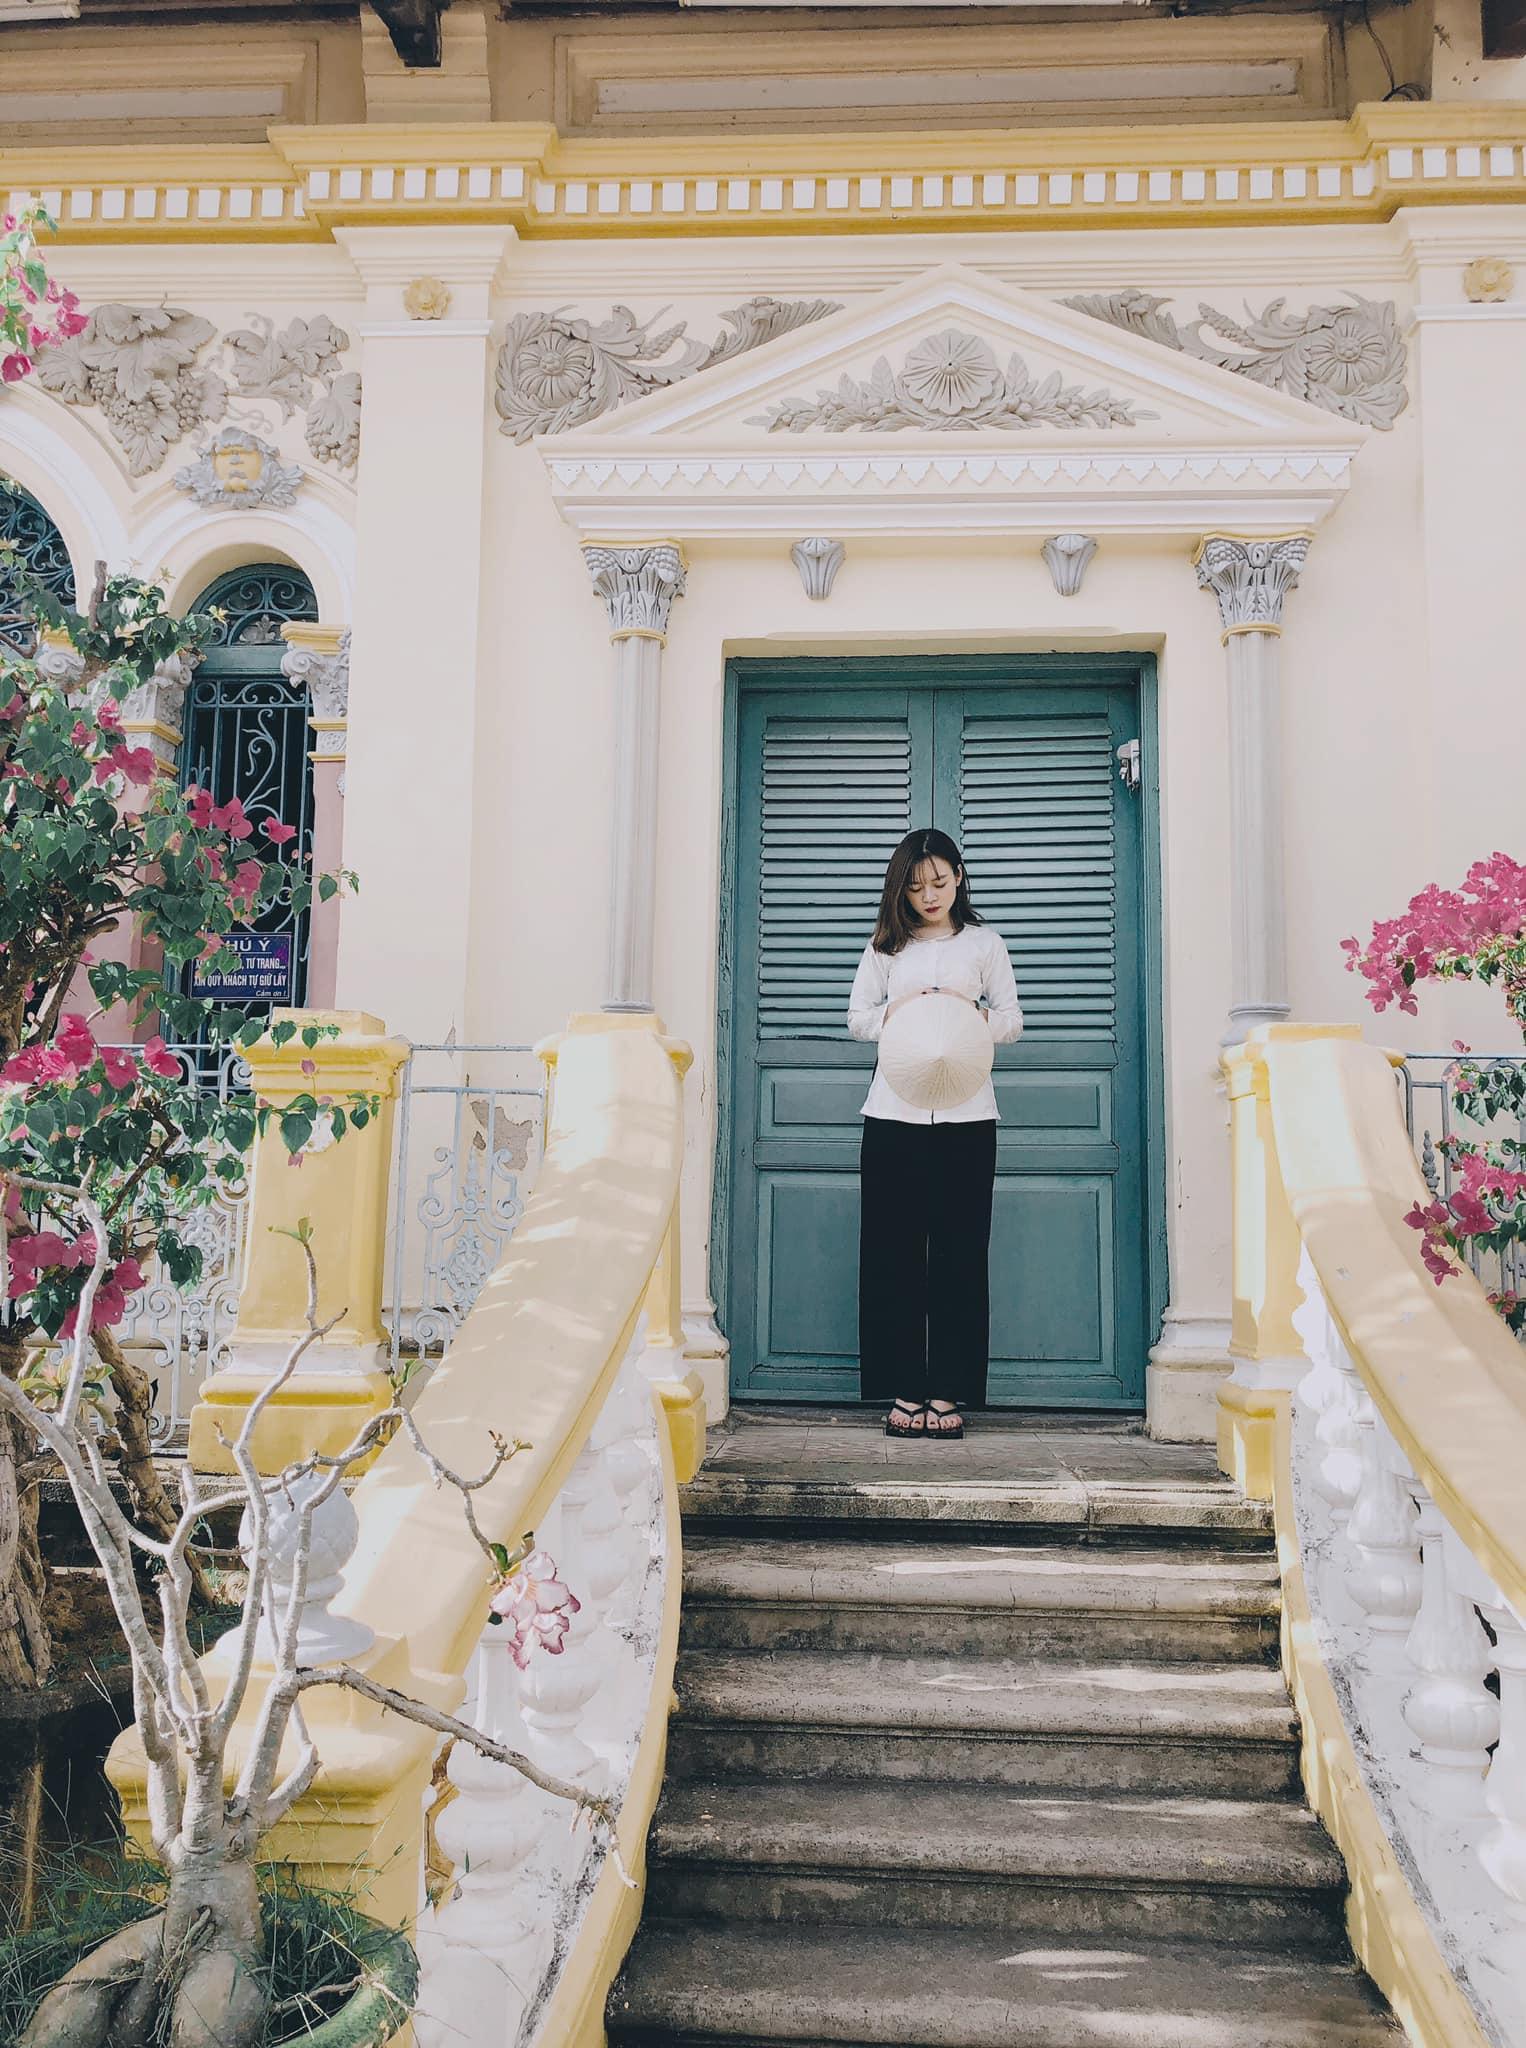 Vẻ đẹp nhà cổ Bình Thủy, địa điểm tham quan trăm tuổi tại Cần Thơ  - Ảnh 3.